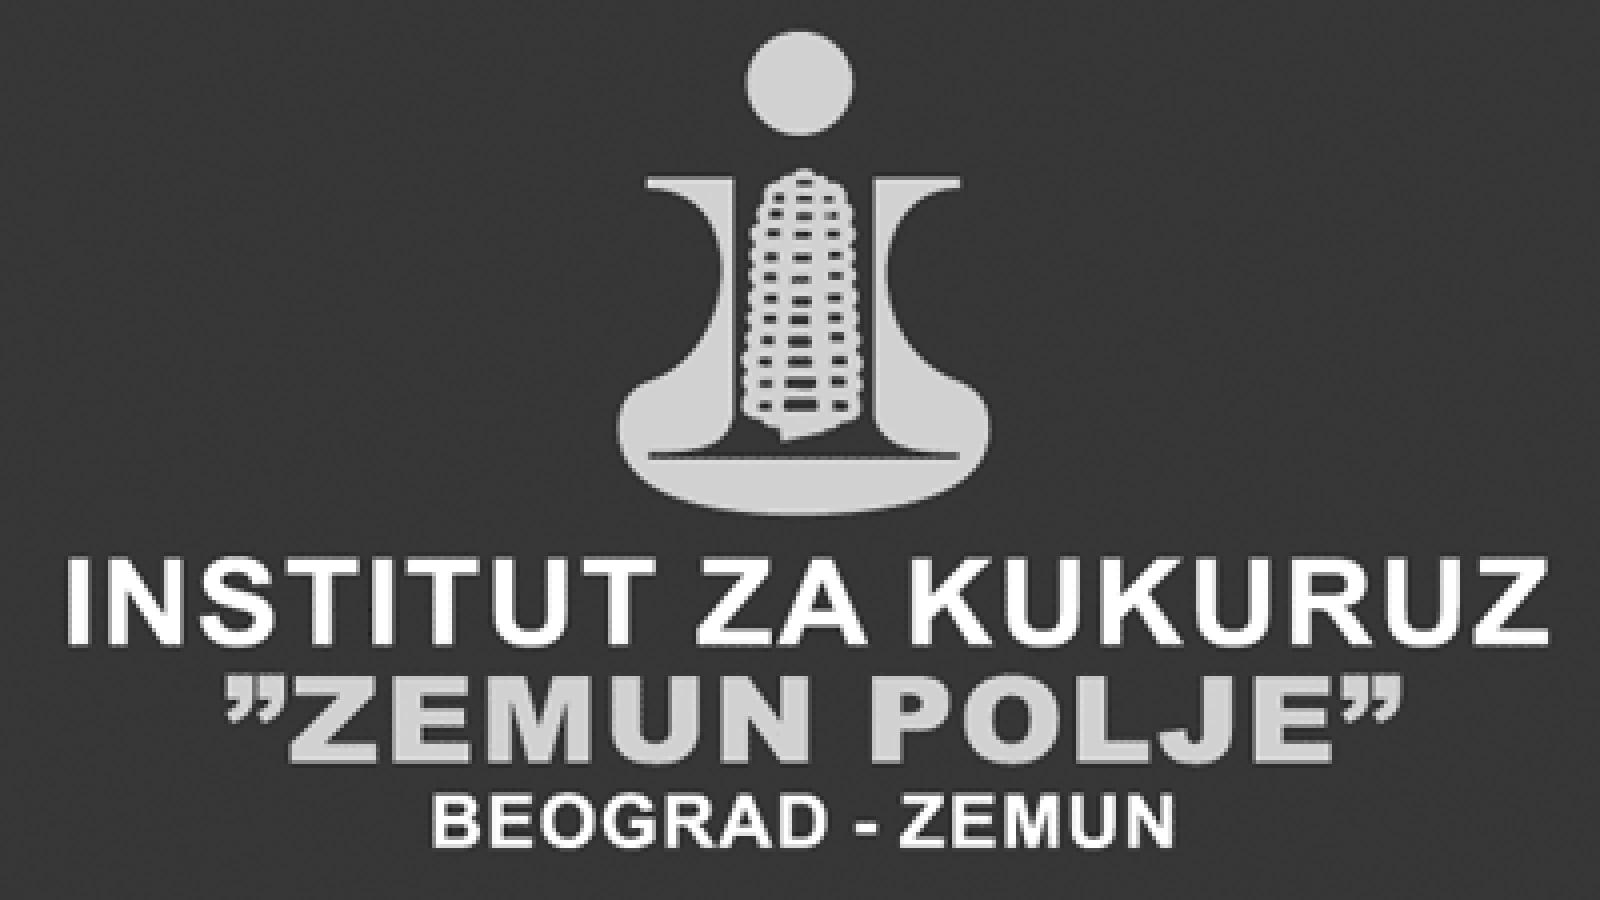 Bilbord za kompaniju Zemun polje